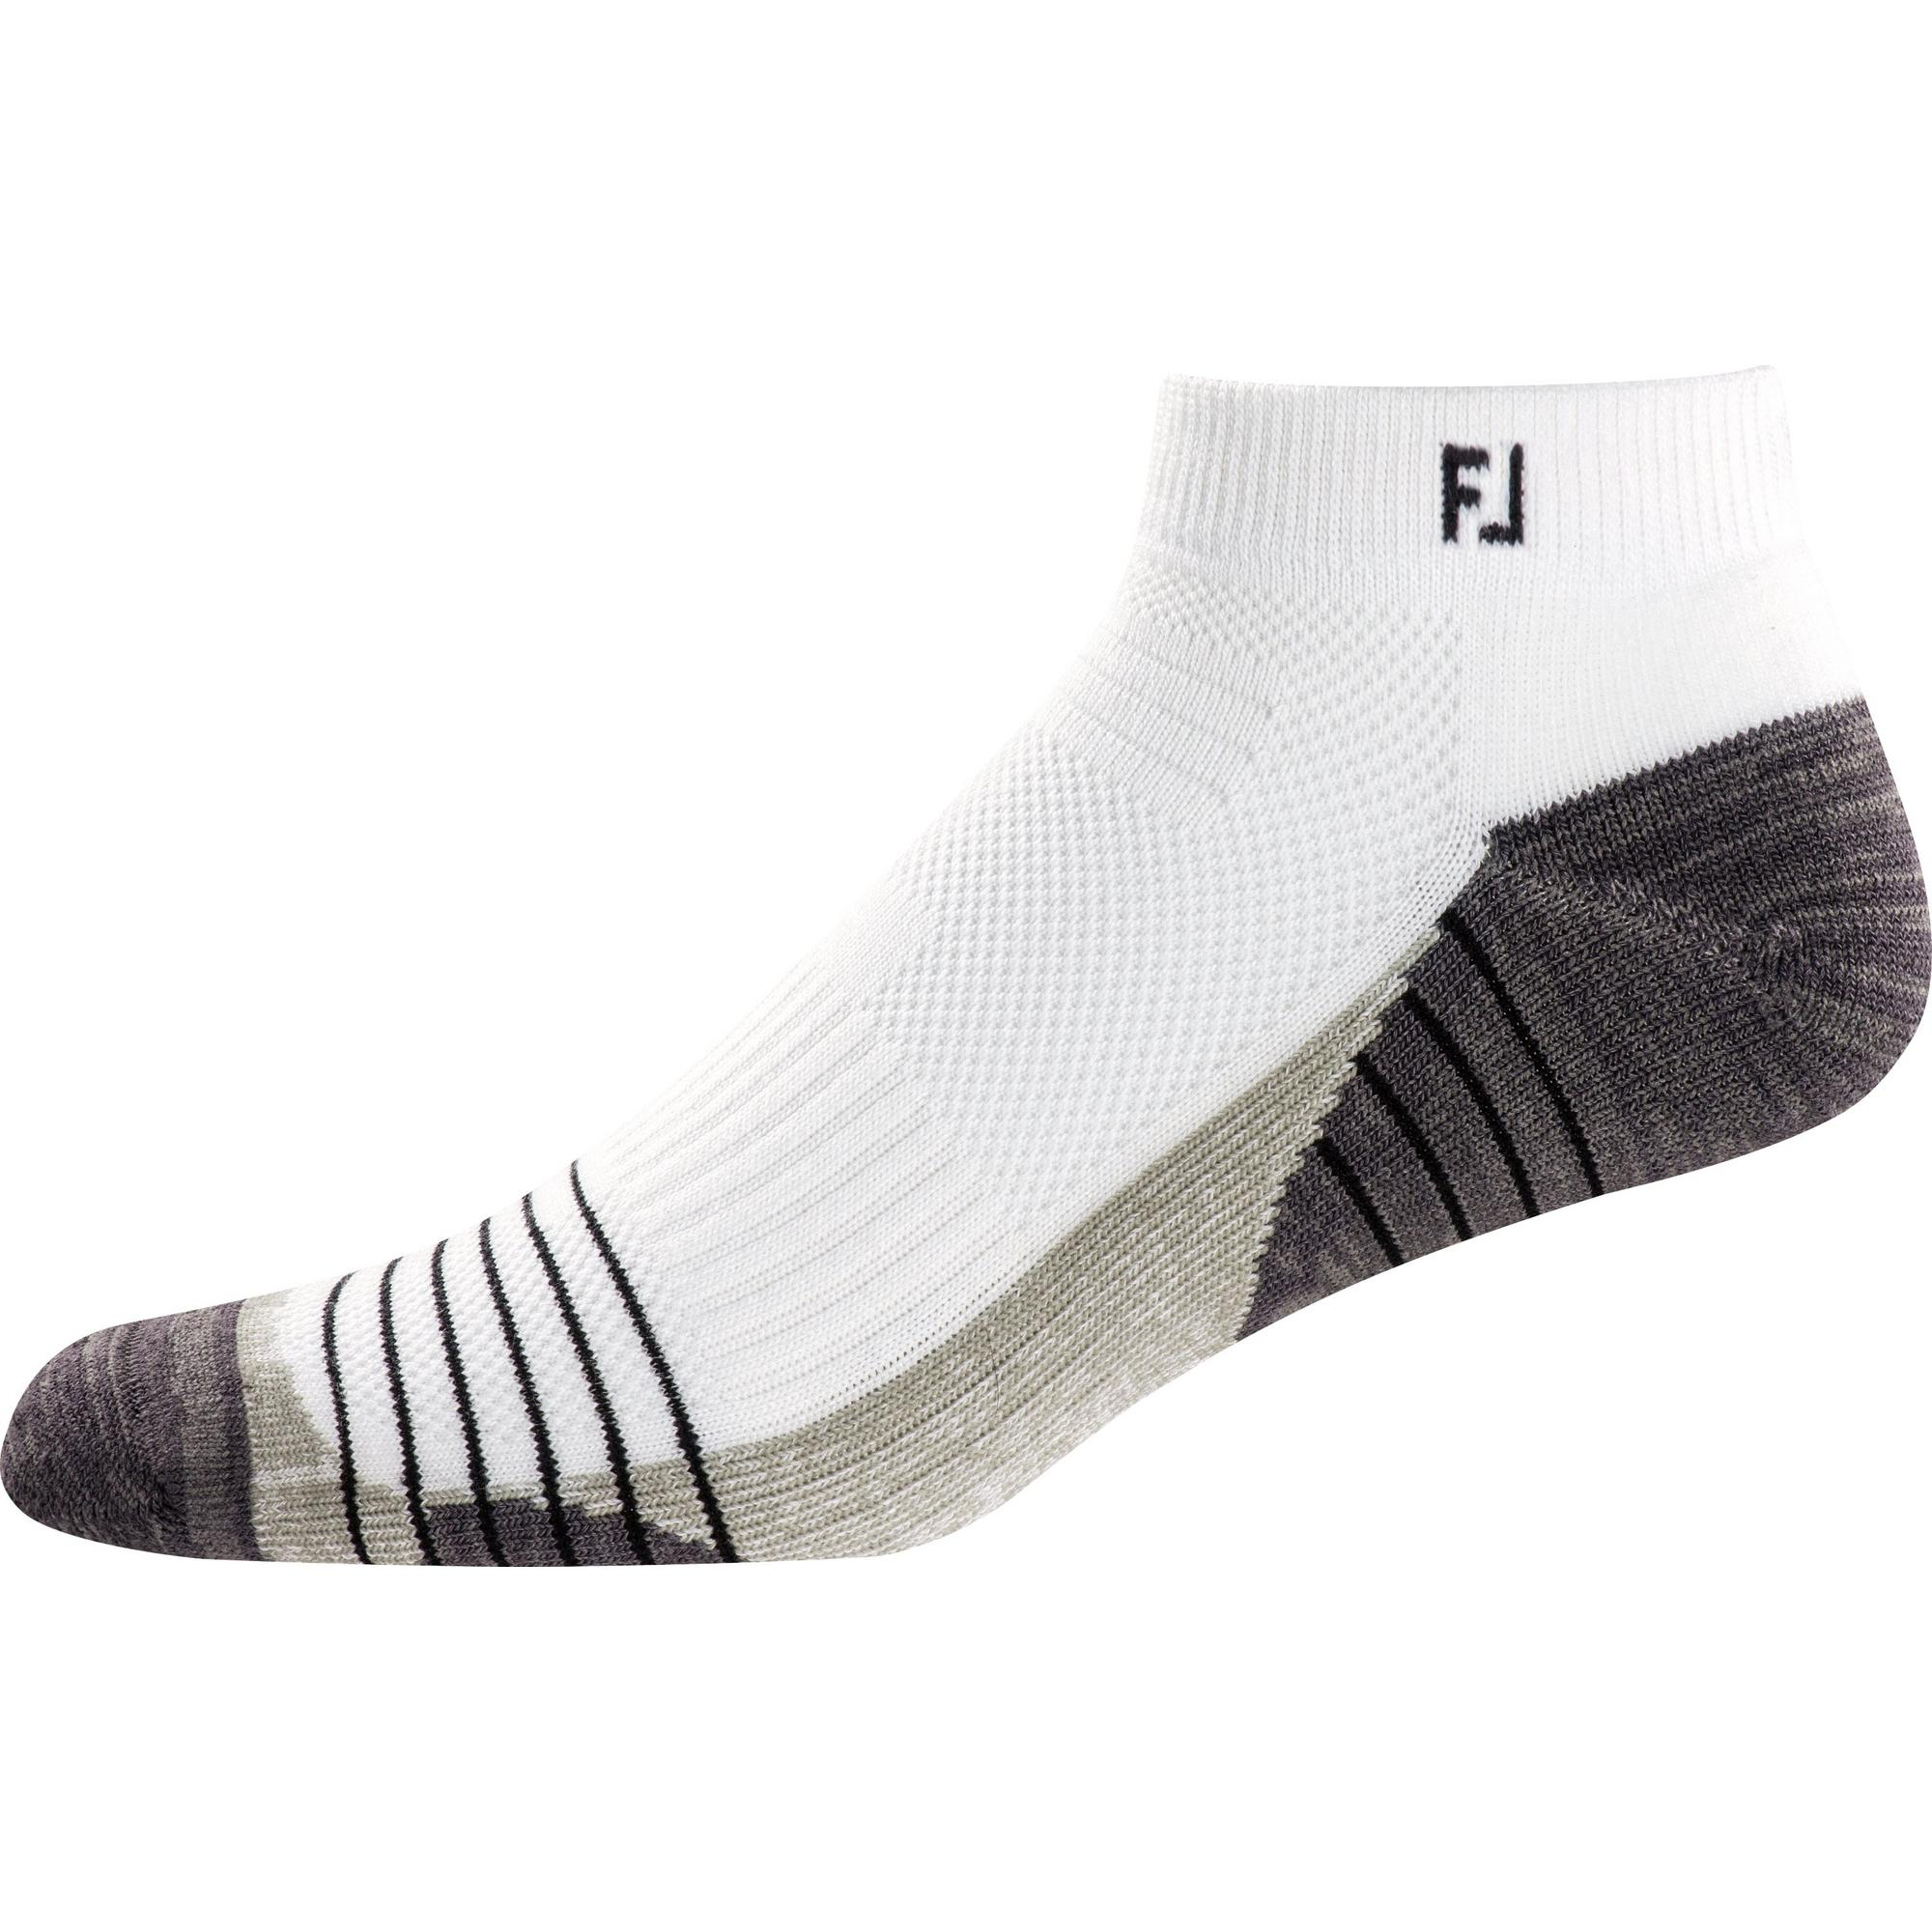 Men's TechSof Tour Sport Ankle Socks